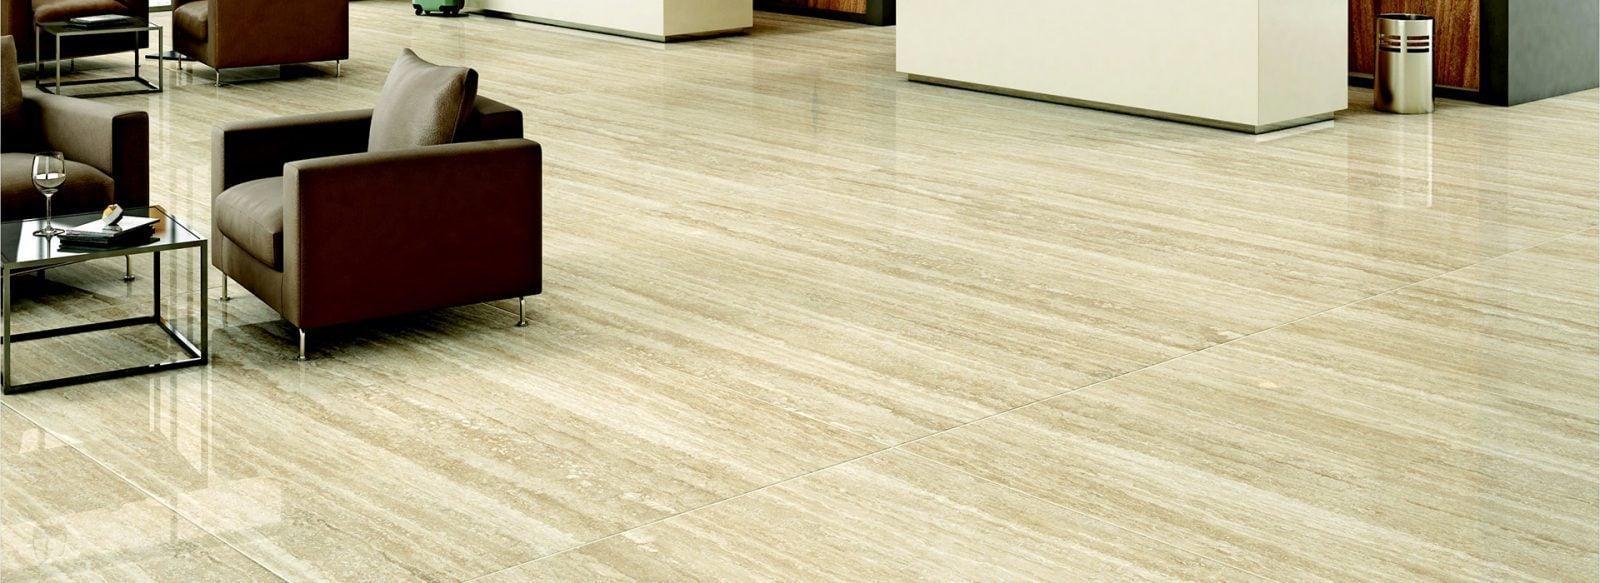 Grandi lastre guida alla pulizia di piastrelle grandi formati - Piastrelle grandi formati prezzi ...